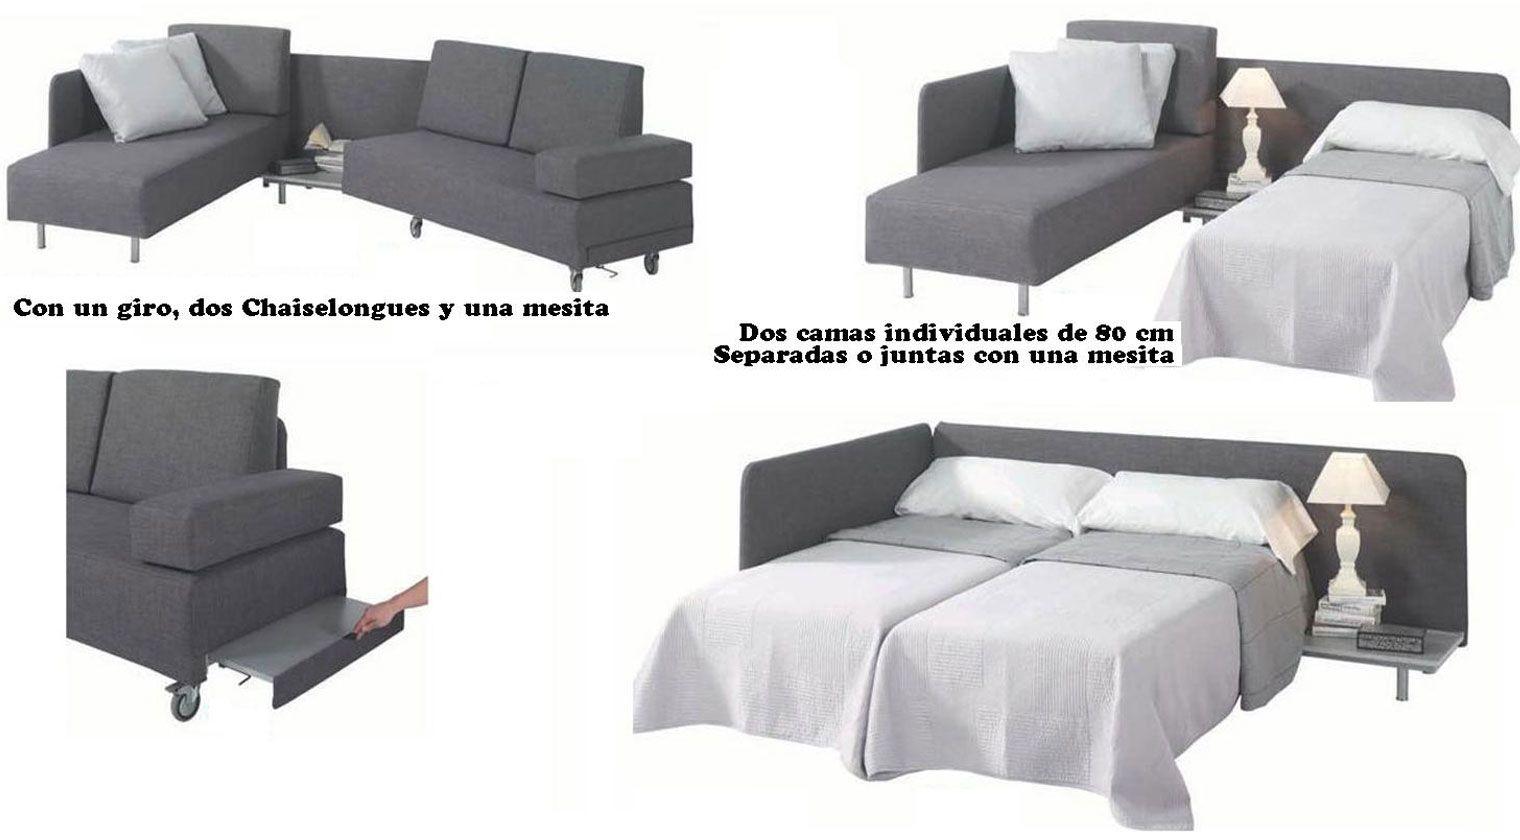 Sof cama laval sofas cama convertibles for Sofa convertible en cama